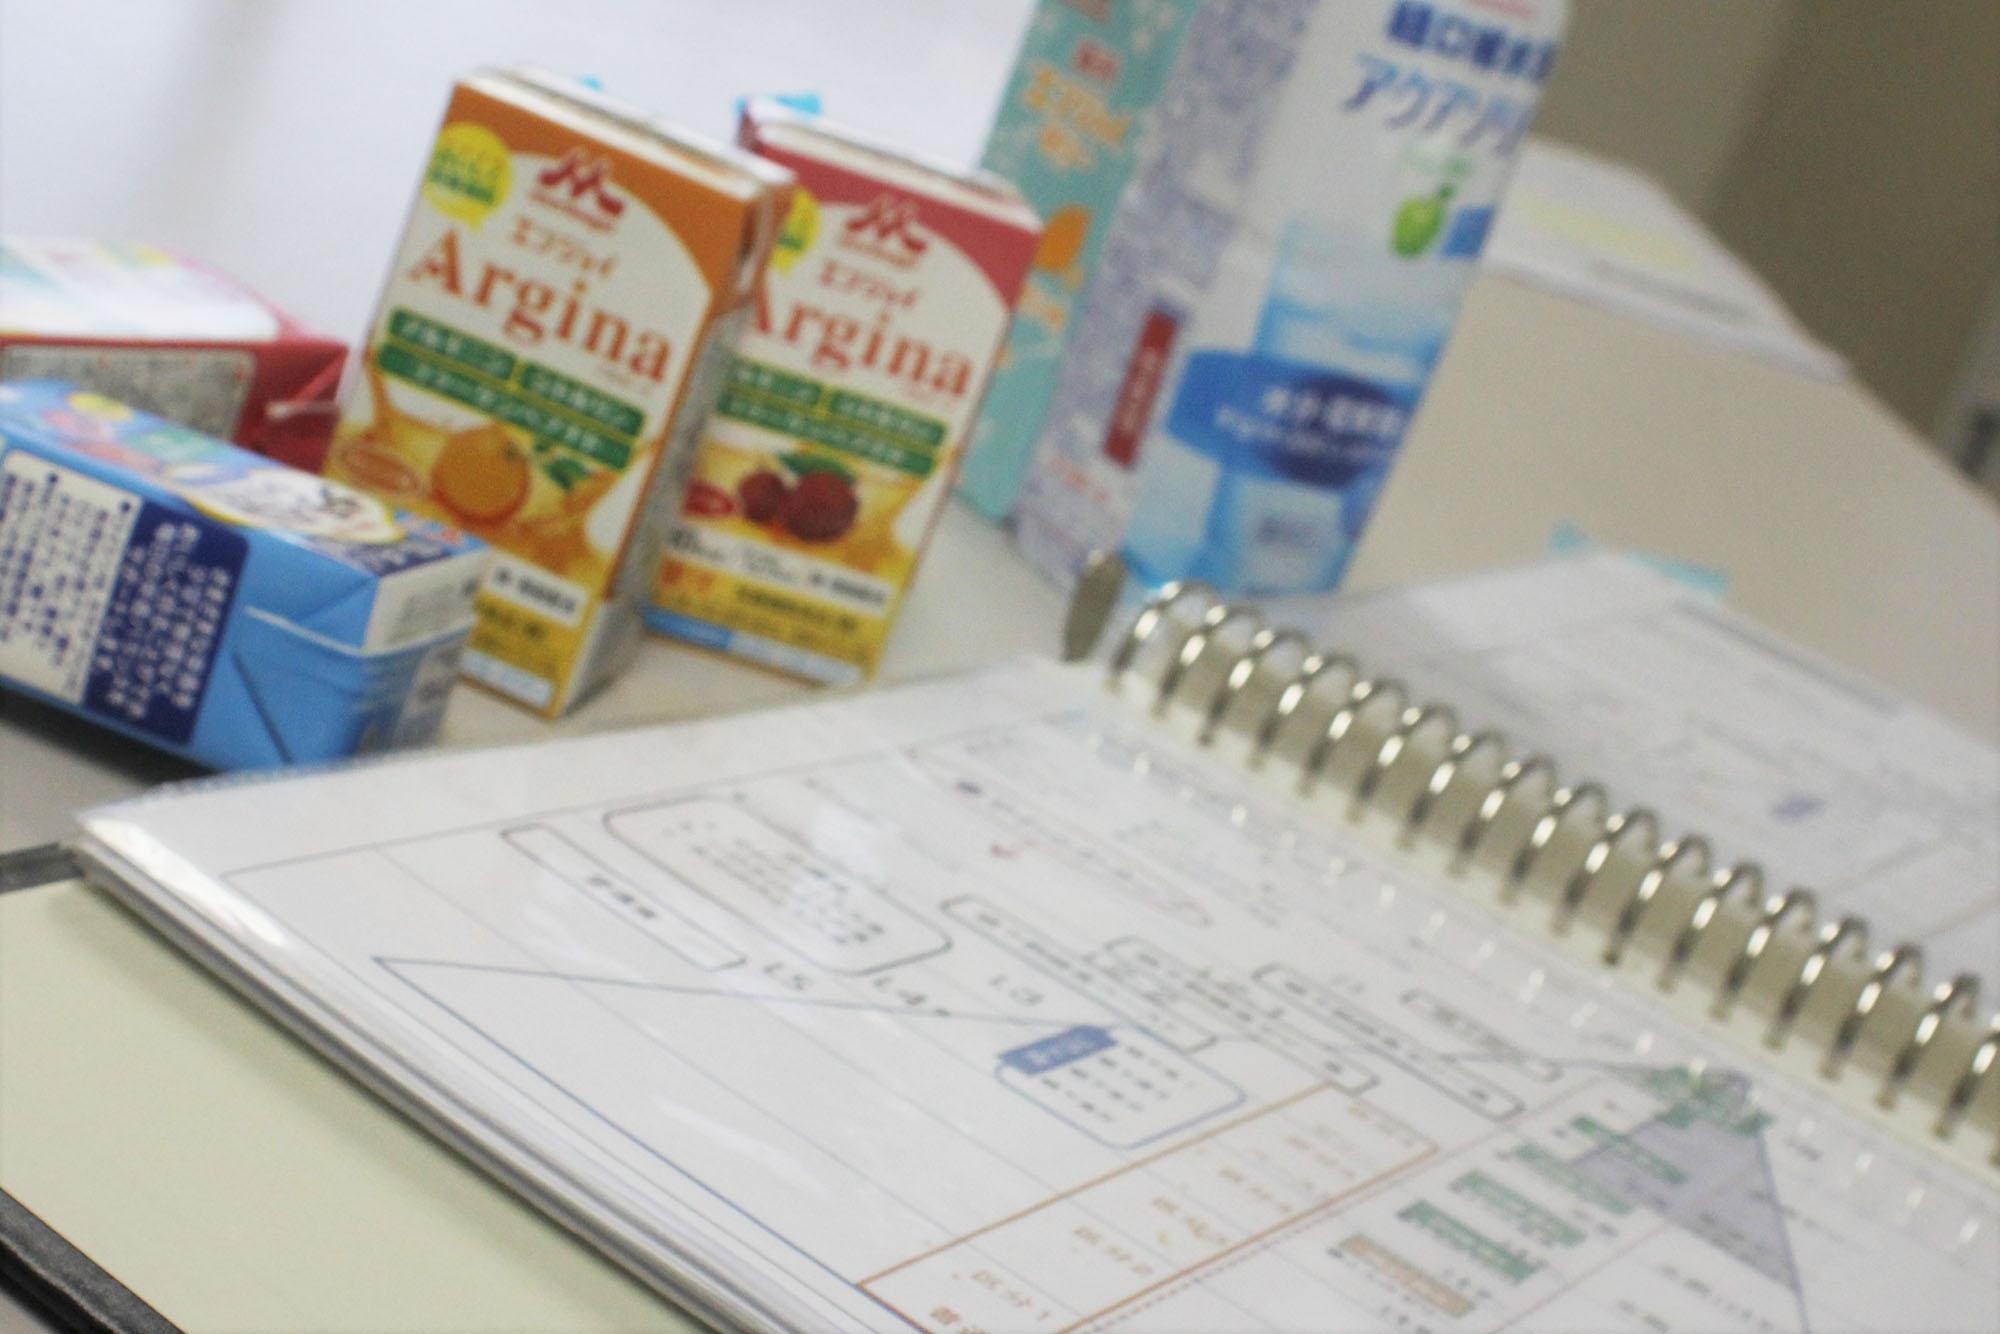 城東病院 居宅療養管理指導